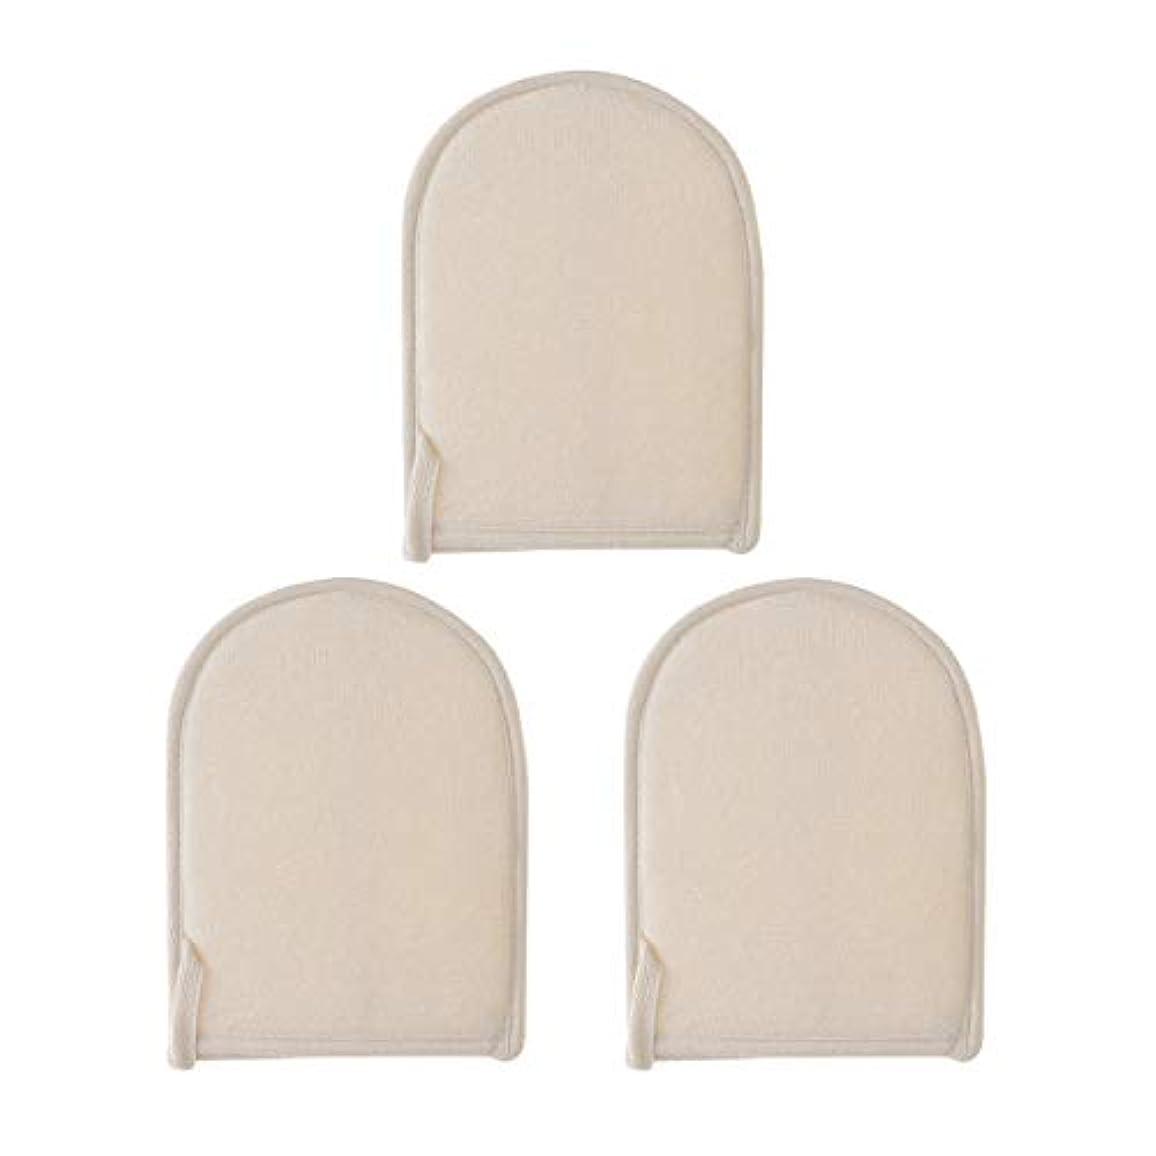 剥離きちんとした肘HEALLILY Loofah手袋ソフトスポンジスクラバーシャワークリーニング用手袋指なし3本